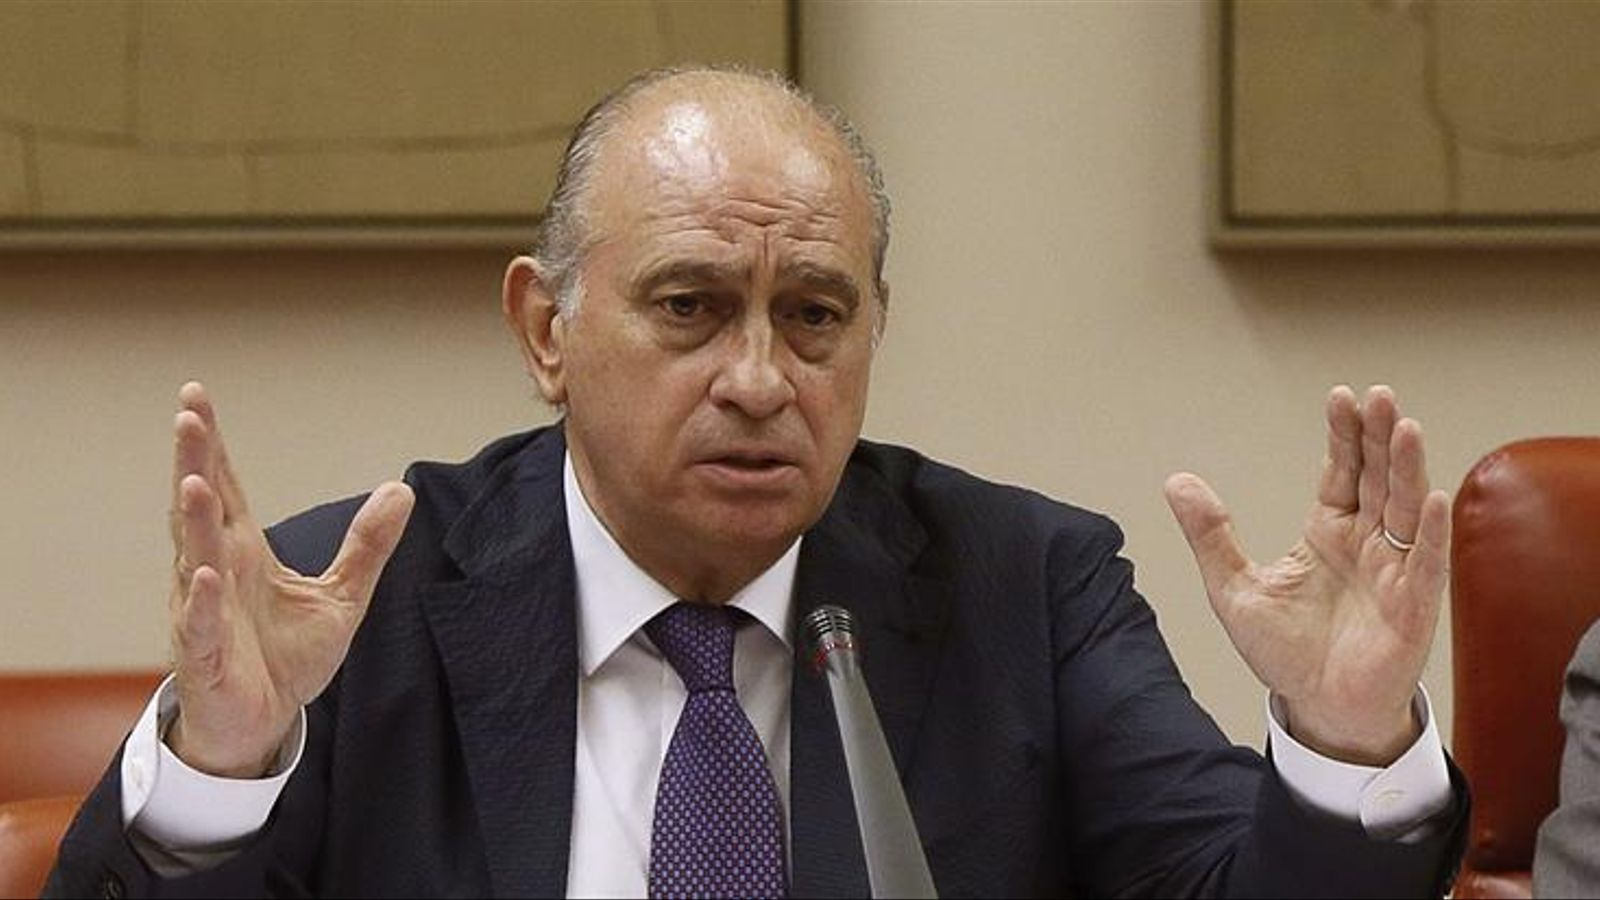 Reaccions pol tiques a l 39 article de david fern ndez for Ministre interior